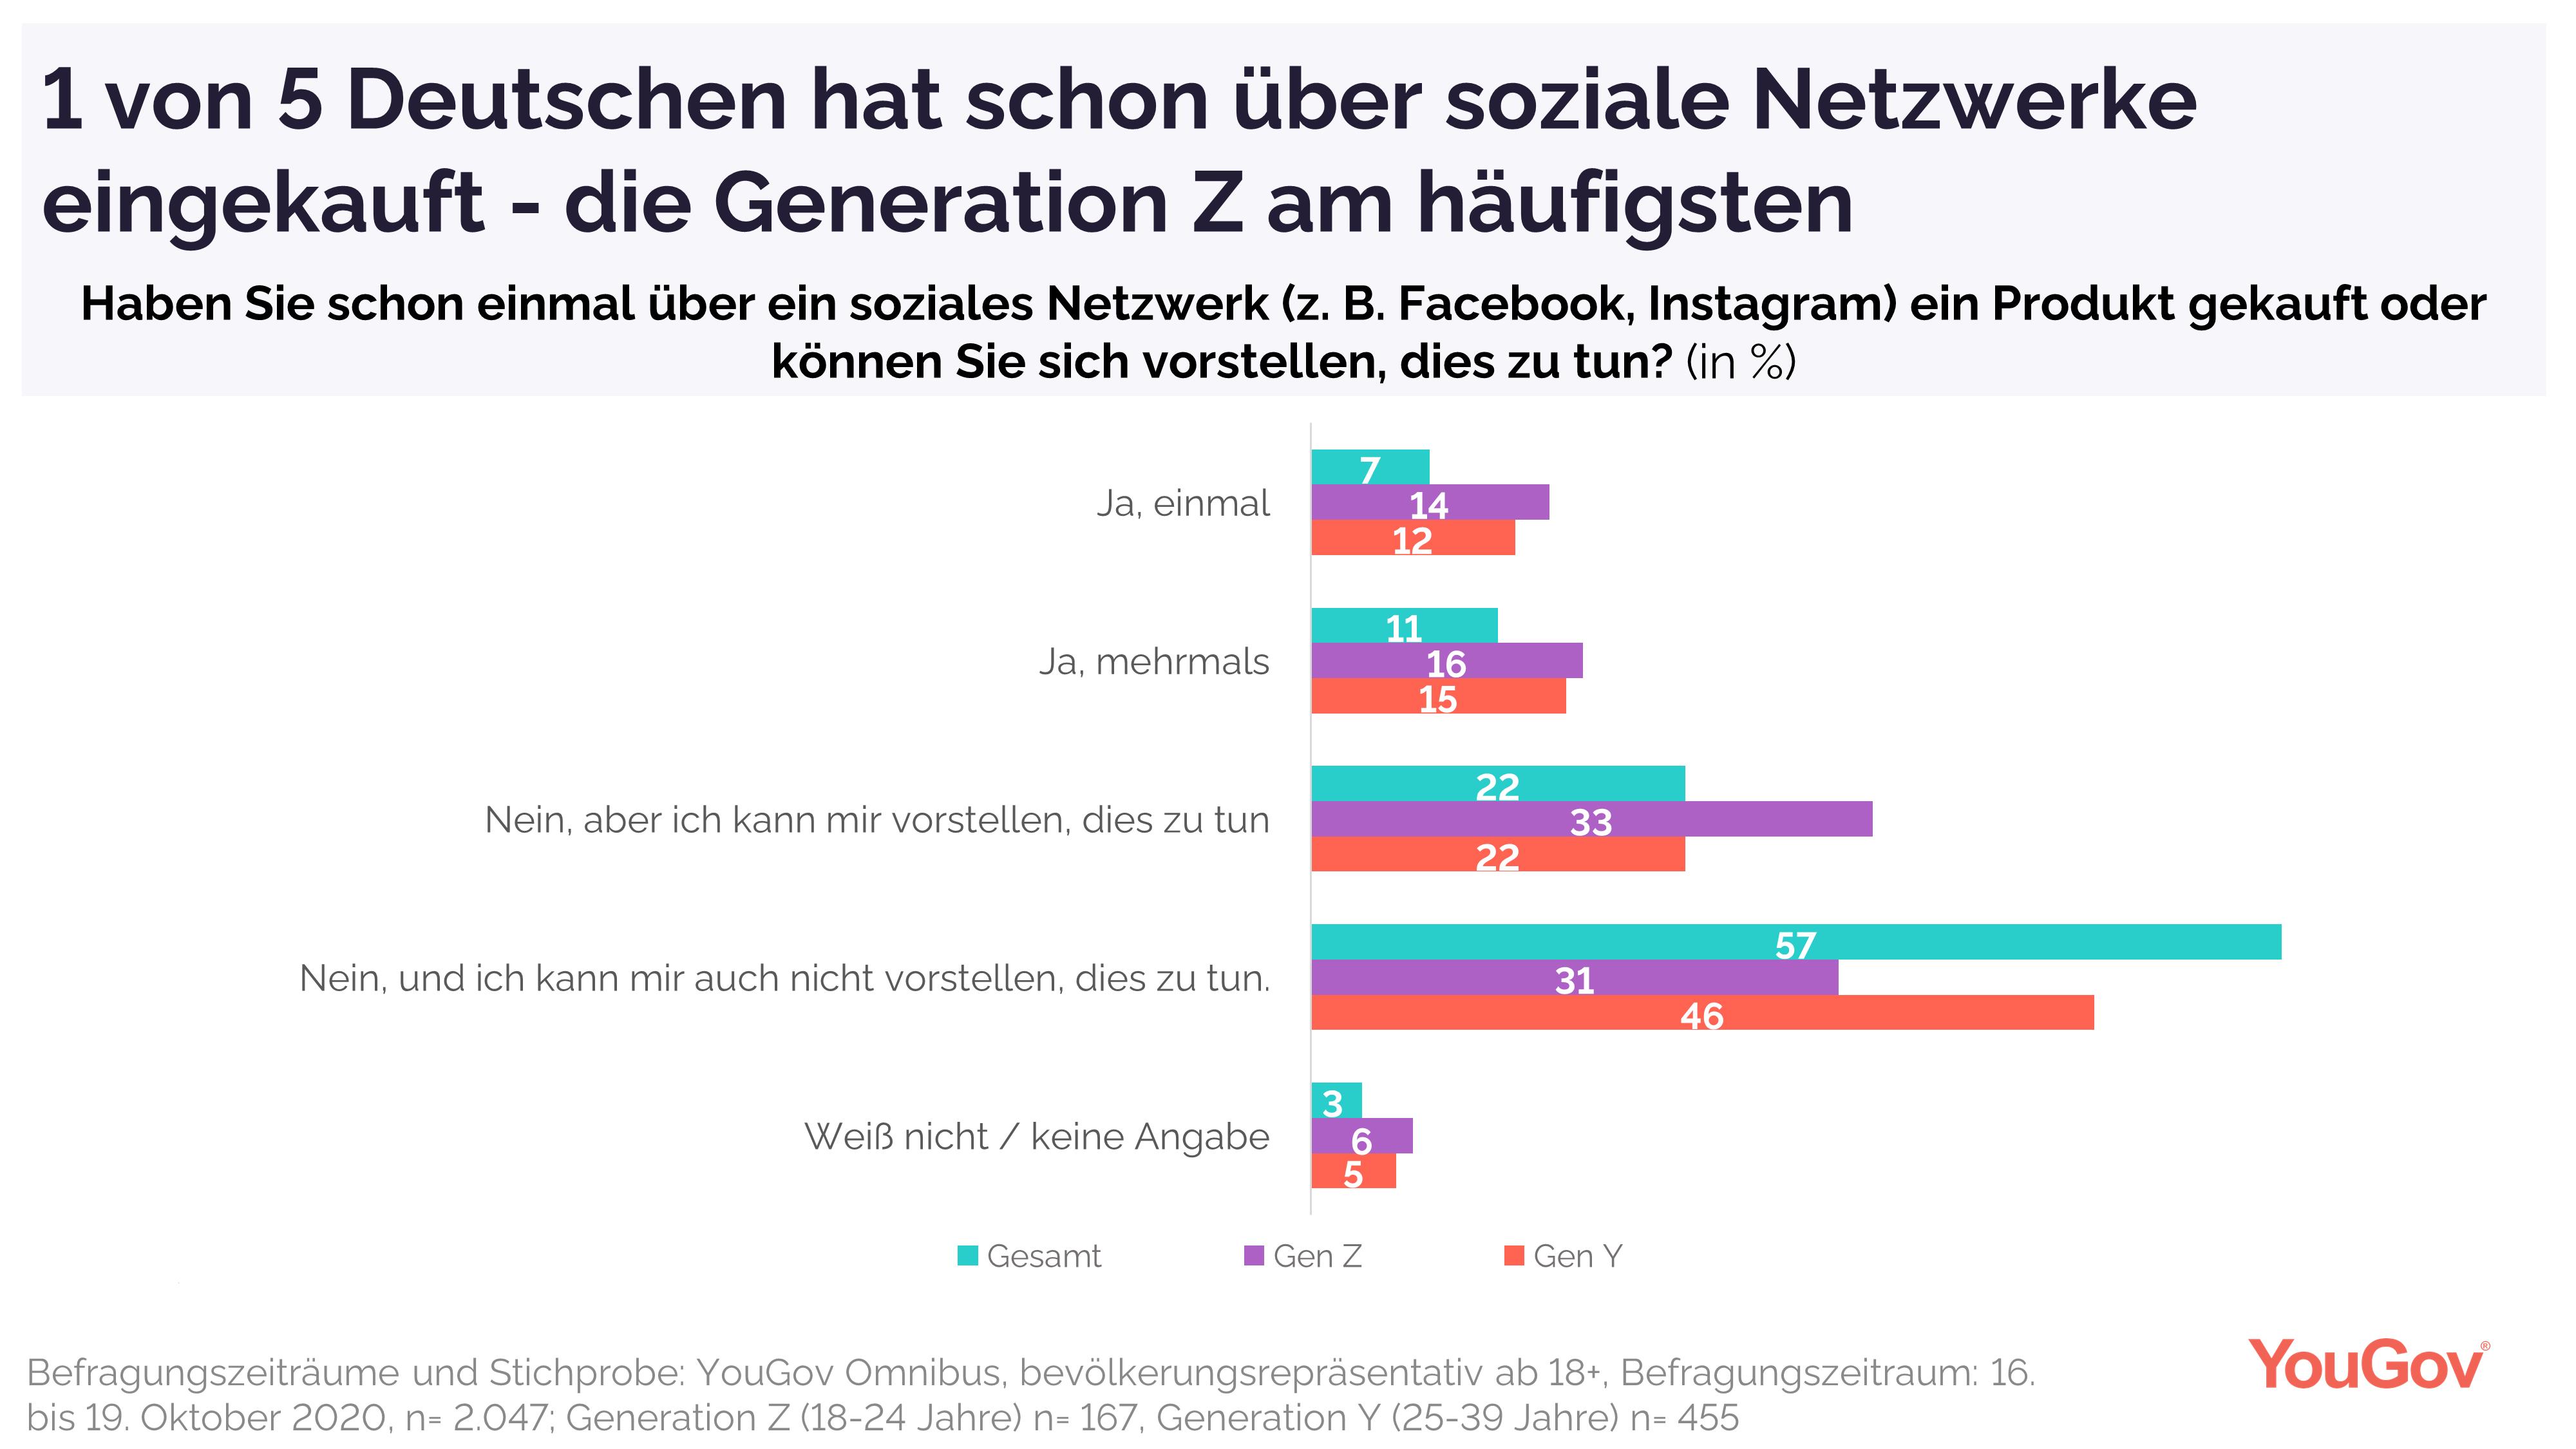 Gen Z hat bereits am häufigsten über soziale Netzwerke eingekauft